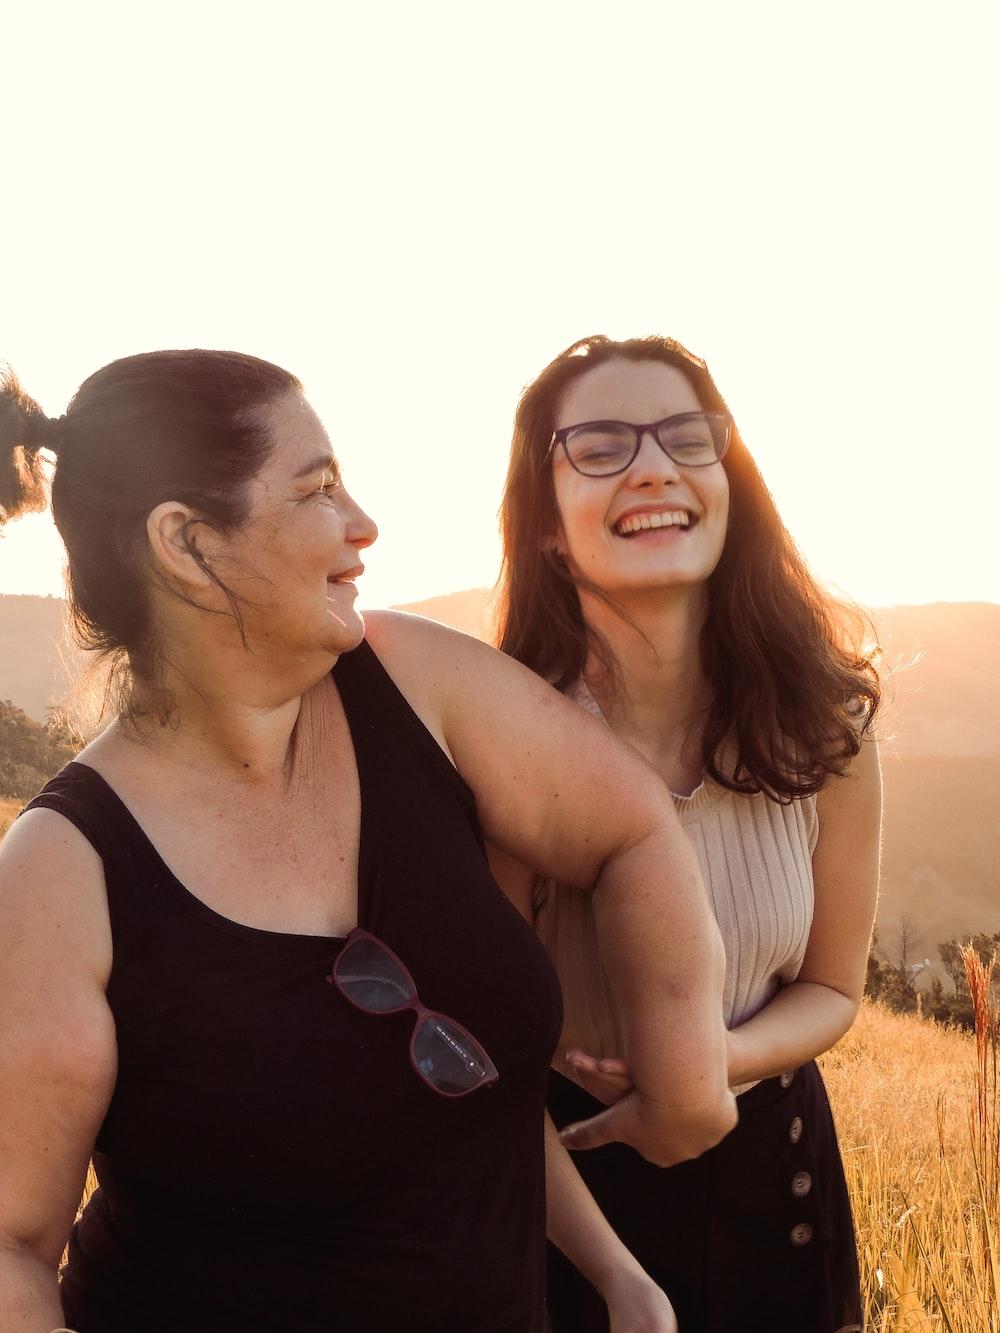 woman in black tank top beside woman in white tank top